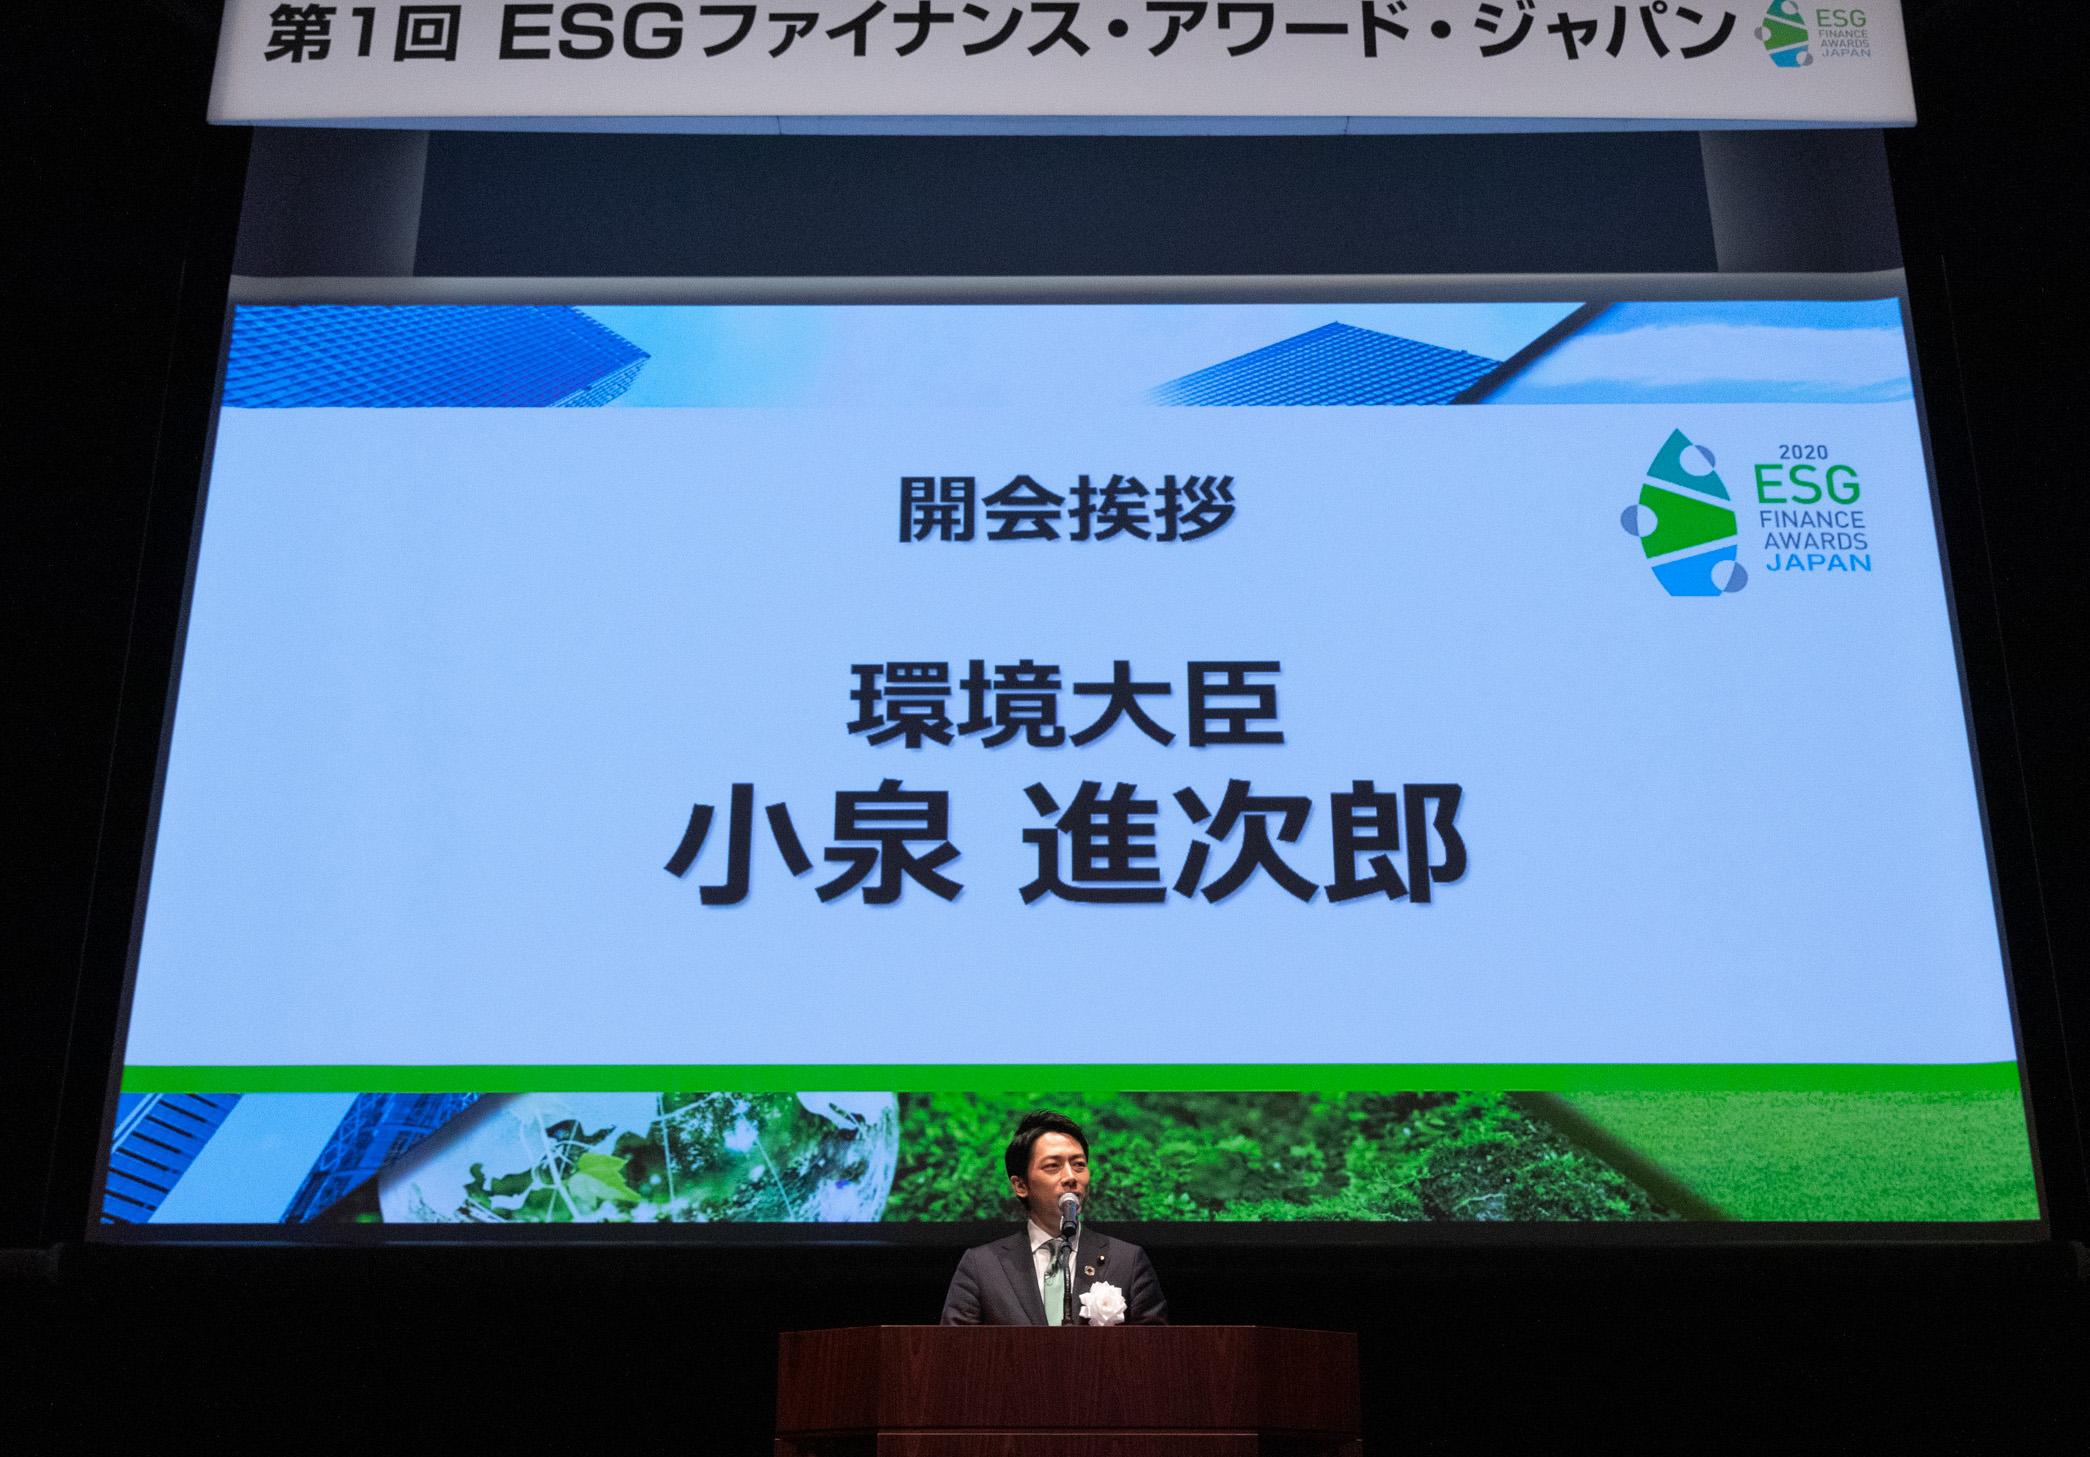 【日本】環境省、第2回ESGファイナンス・アワード(環境大臣賞)募集開始。金融機関と企業が対象 1